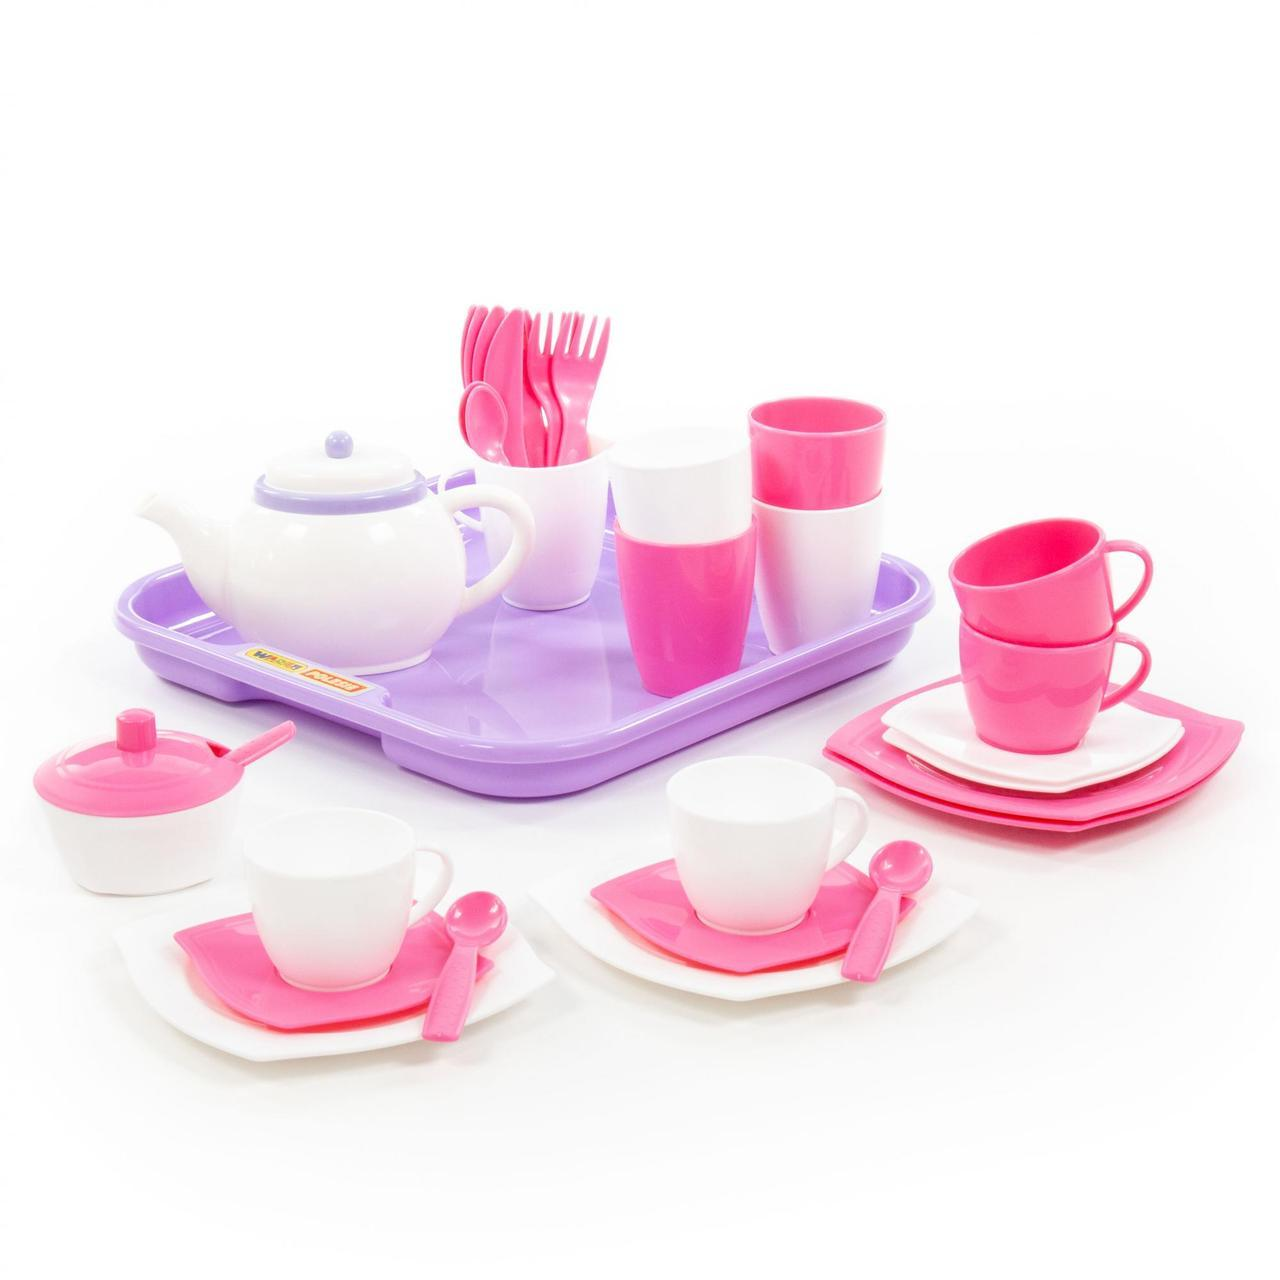 """Набор детской посуды """"Алиса"""" с подносом на 4 персоны, 35 эл., Полесье, 58973"""